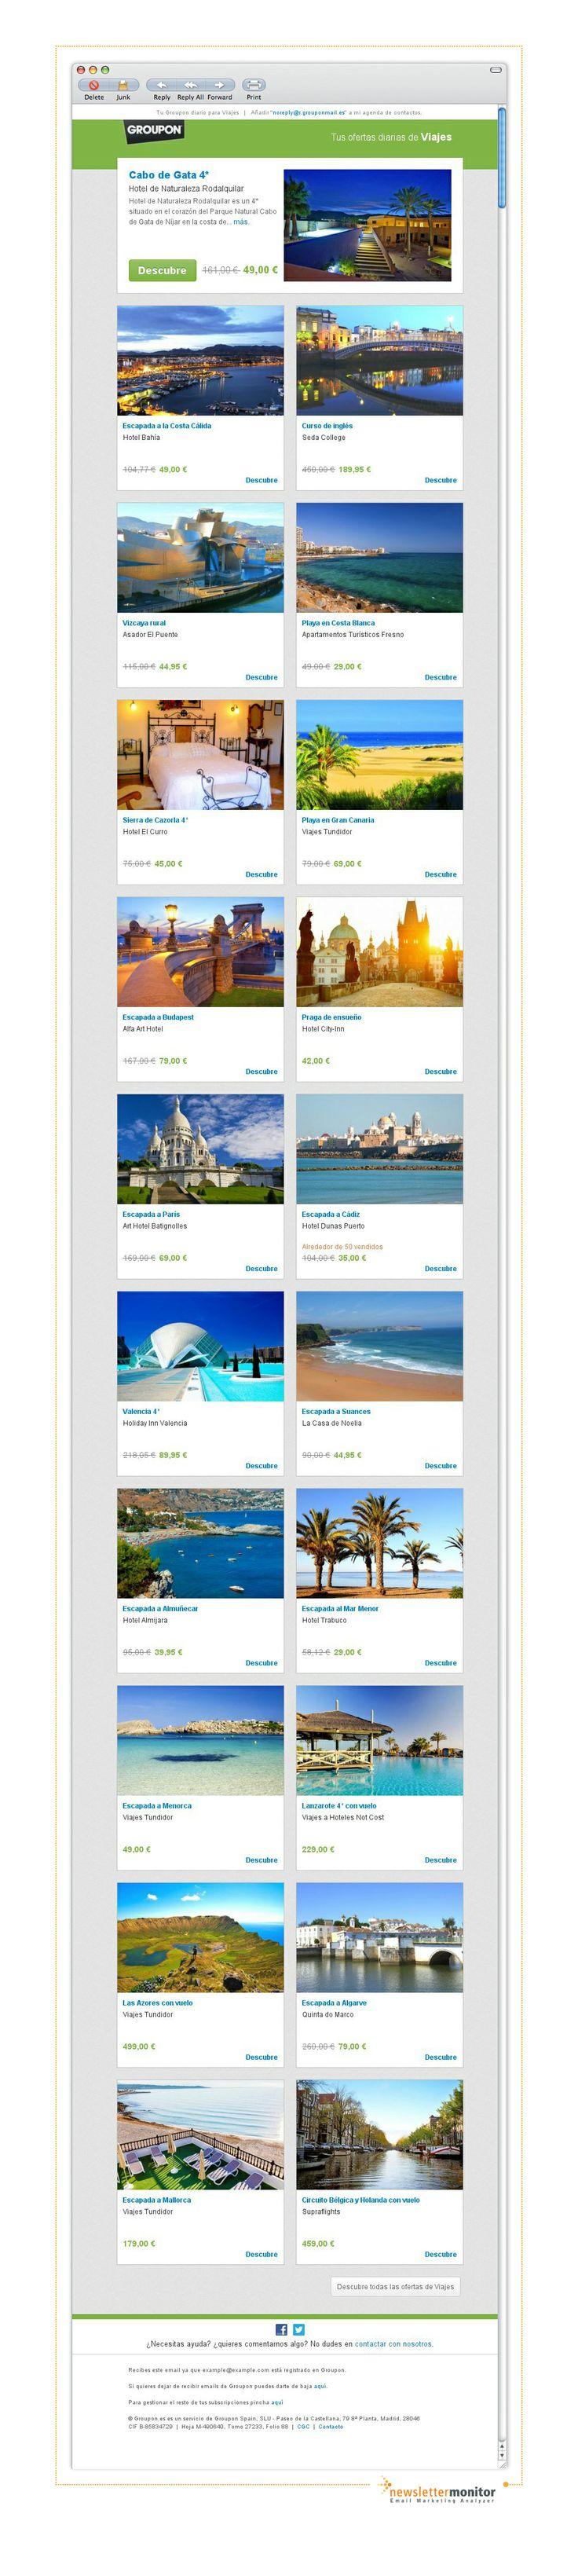 Brand: Groupon Viajes | Subject: Almería | Murcia | Inglés en Dublin | Alicante | Gran Canaria | Budapest